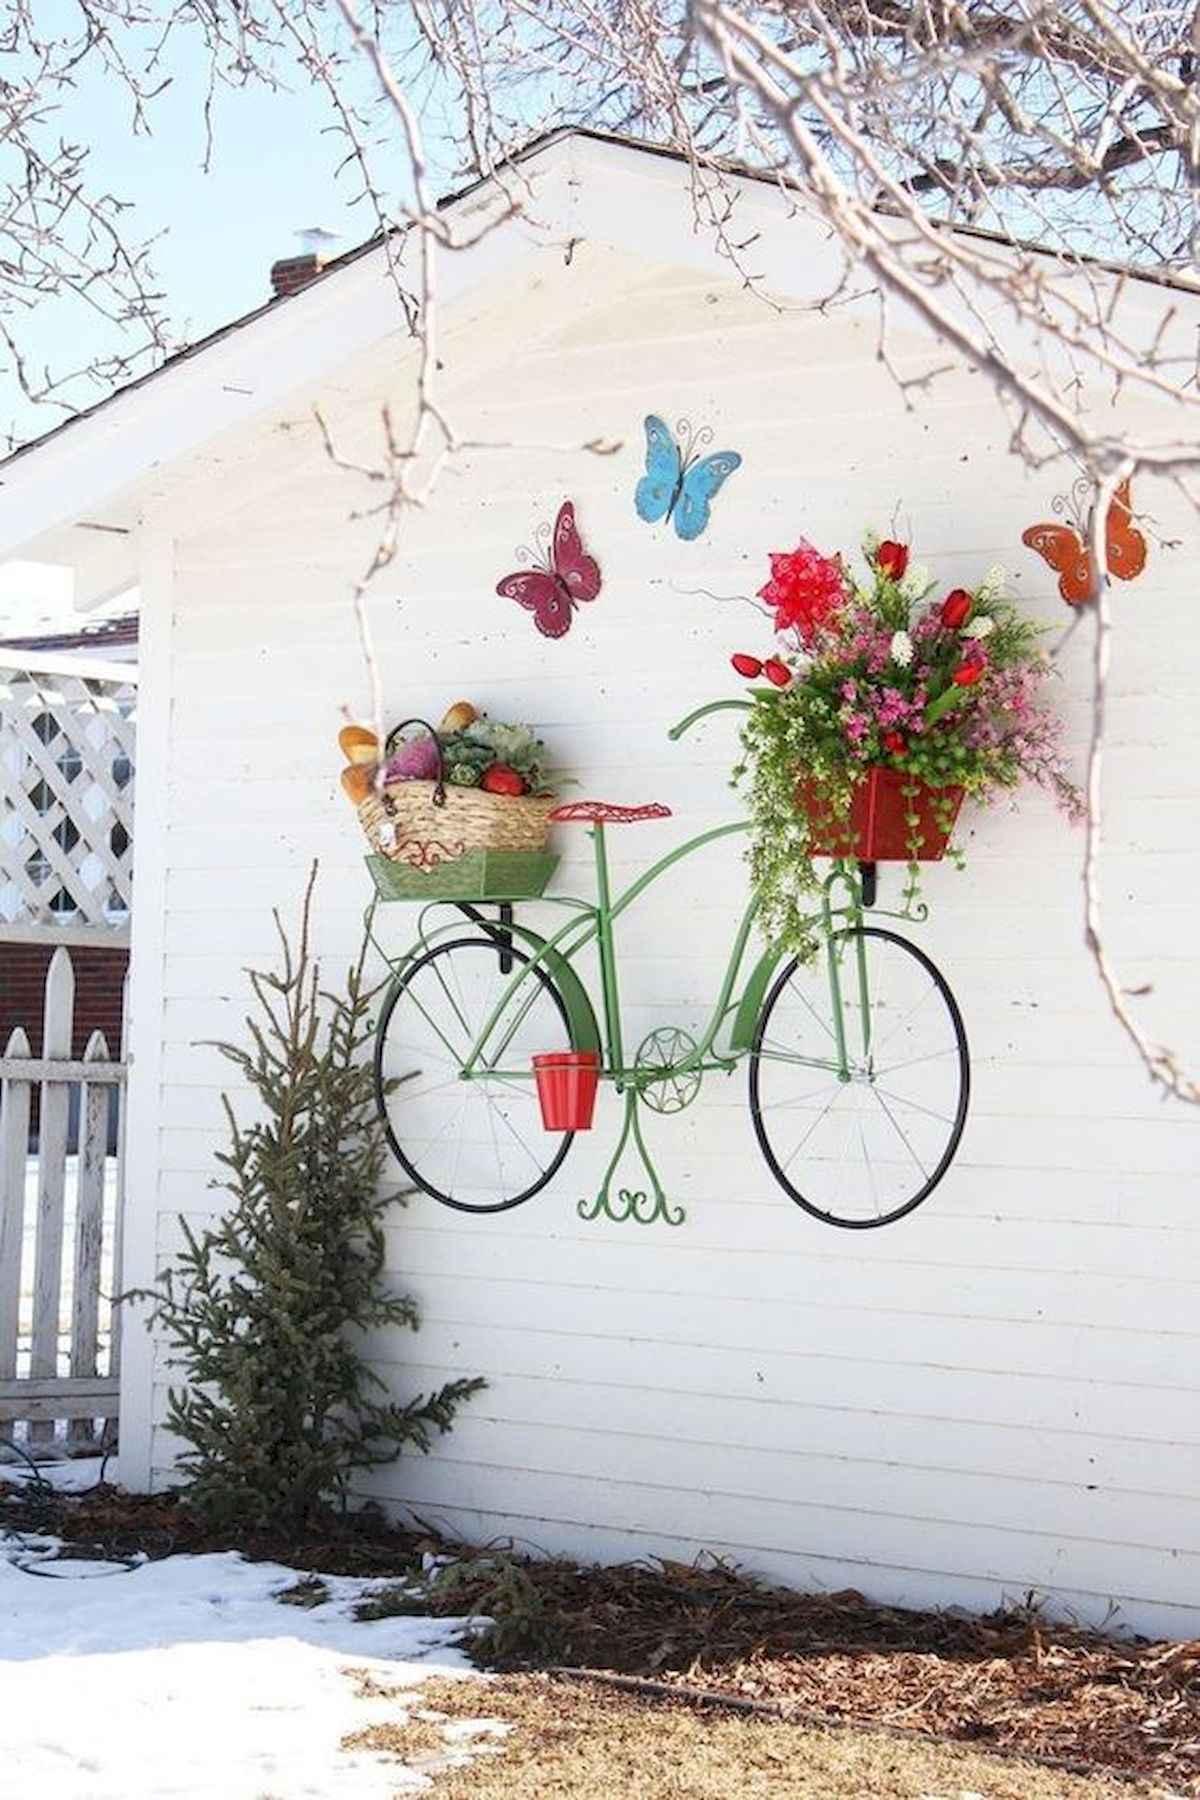 ideias criativas plantar bicicleta